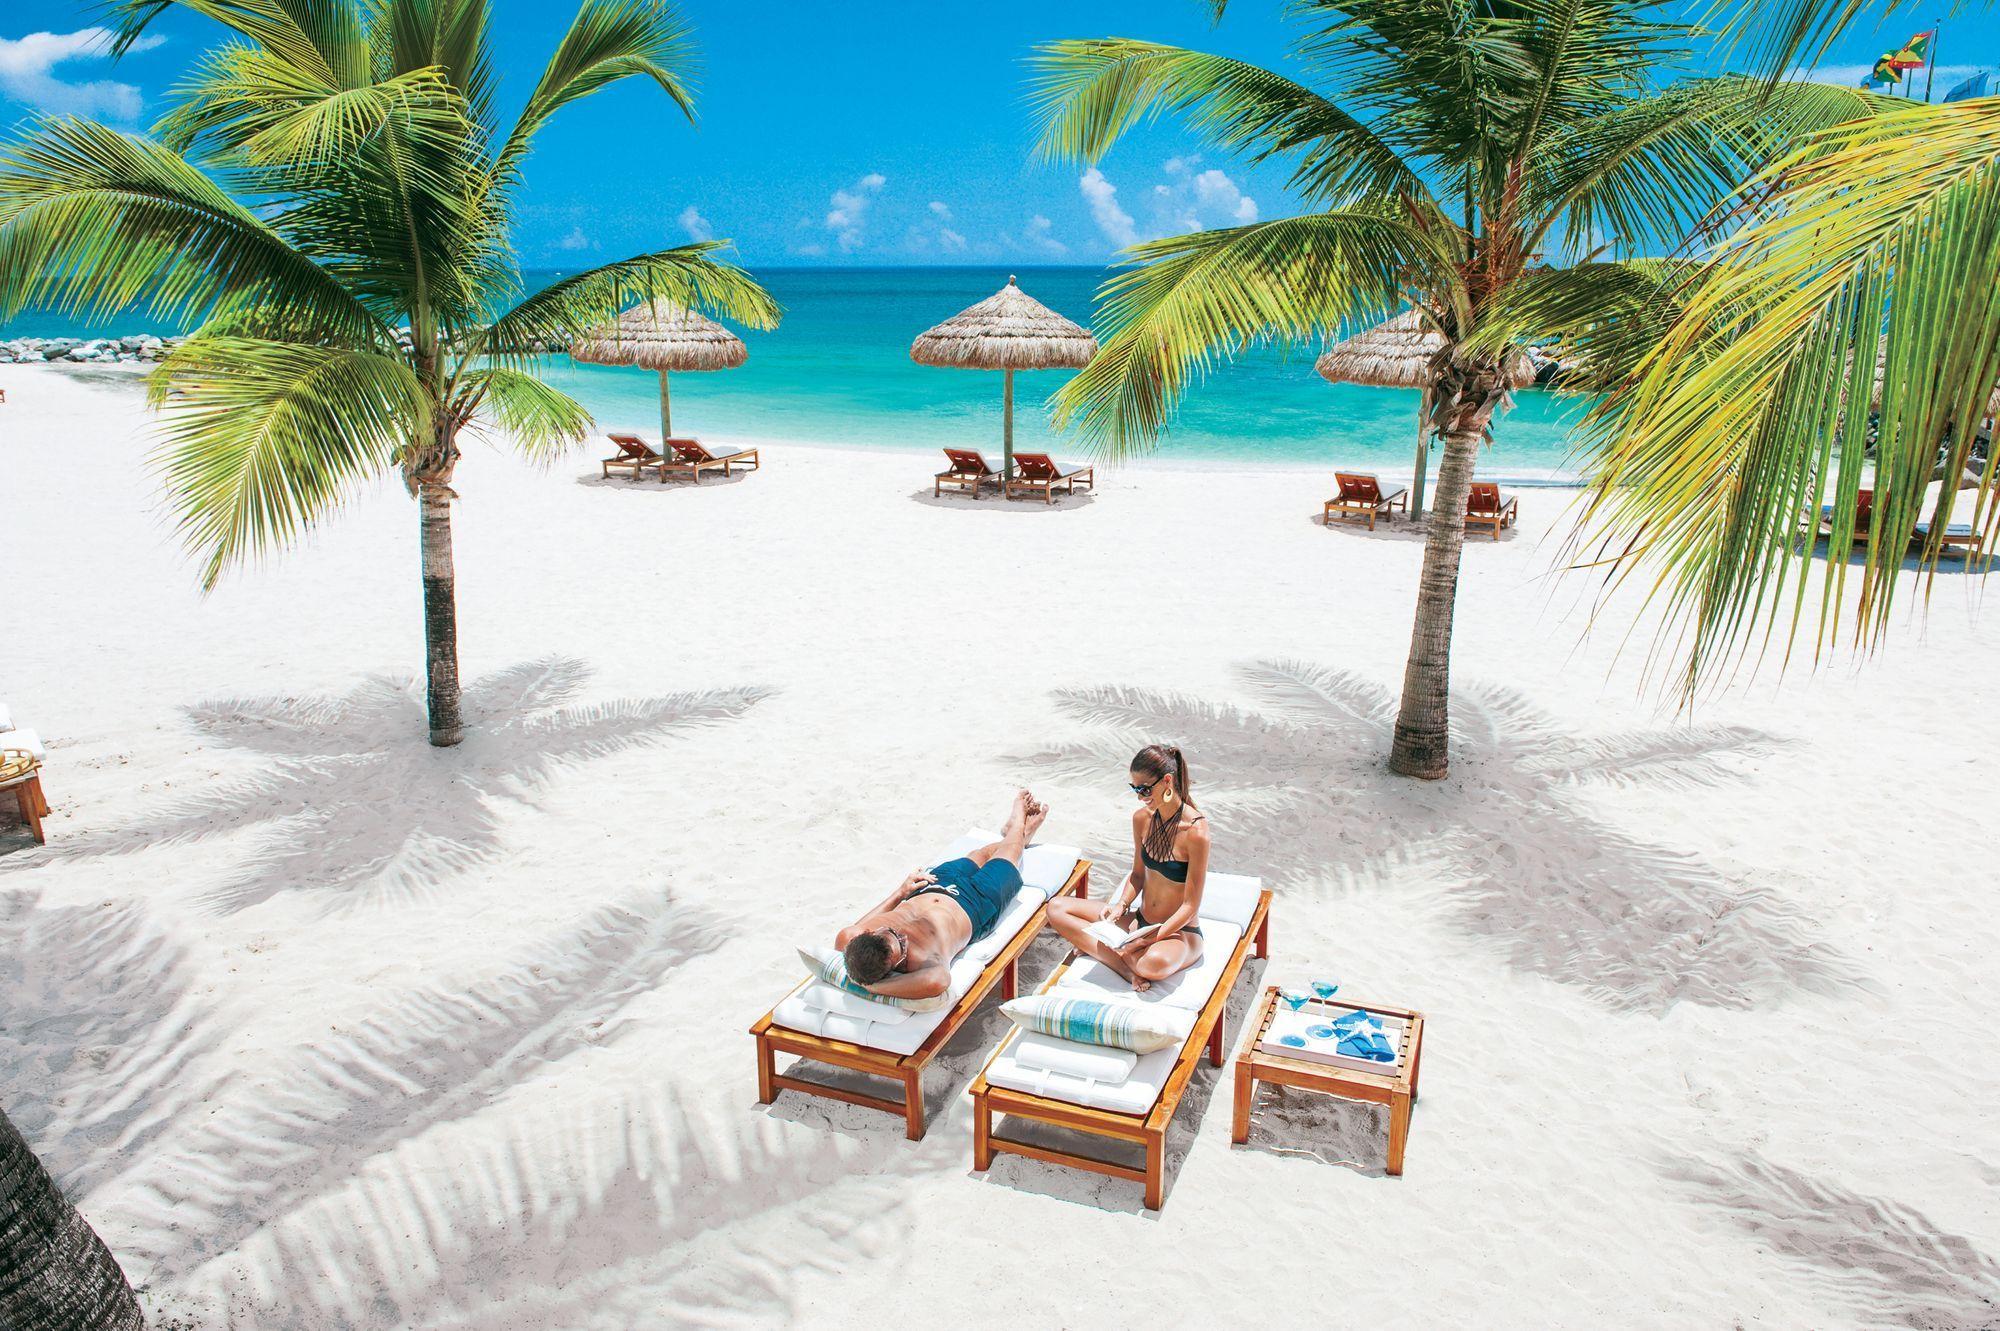 Paar sitzt auf Strandliegen. Frau hat Buch in der Hand. Auf dem Strand stehen zwei Palmen.